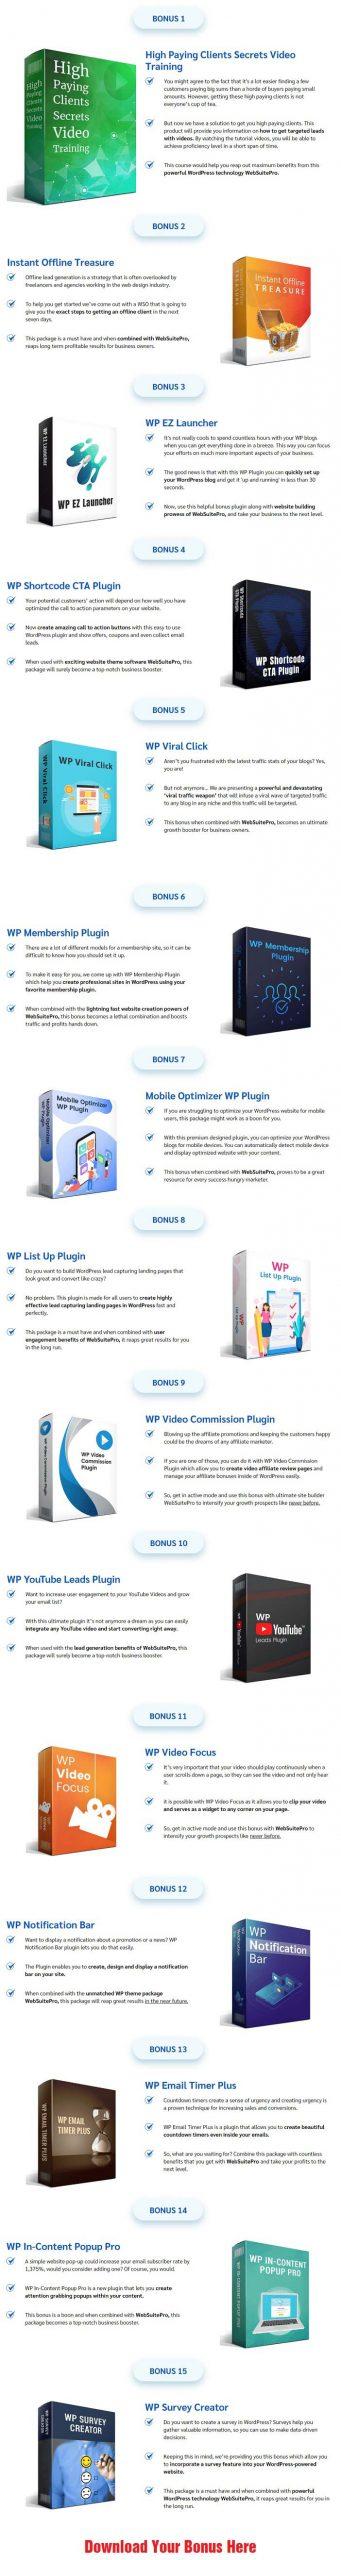 WebSuitePro Bonuses